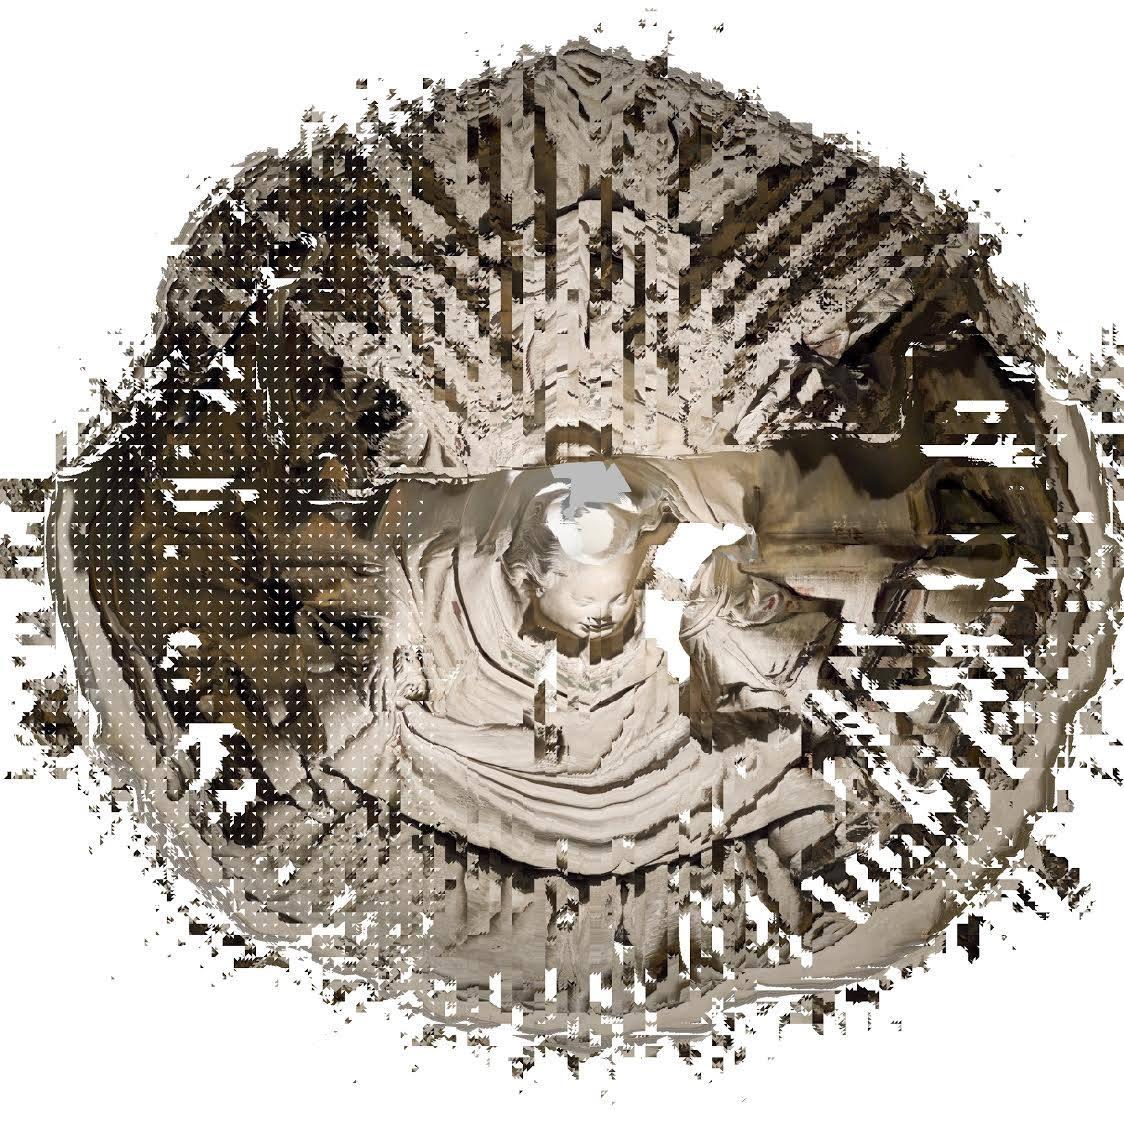 clement valla, xpo-gallery, art-contemporain, art-numerique, paris, france